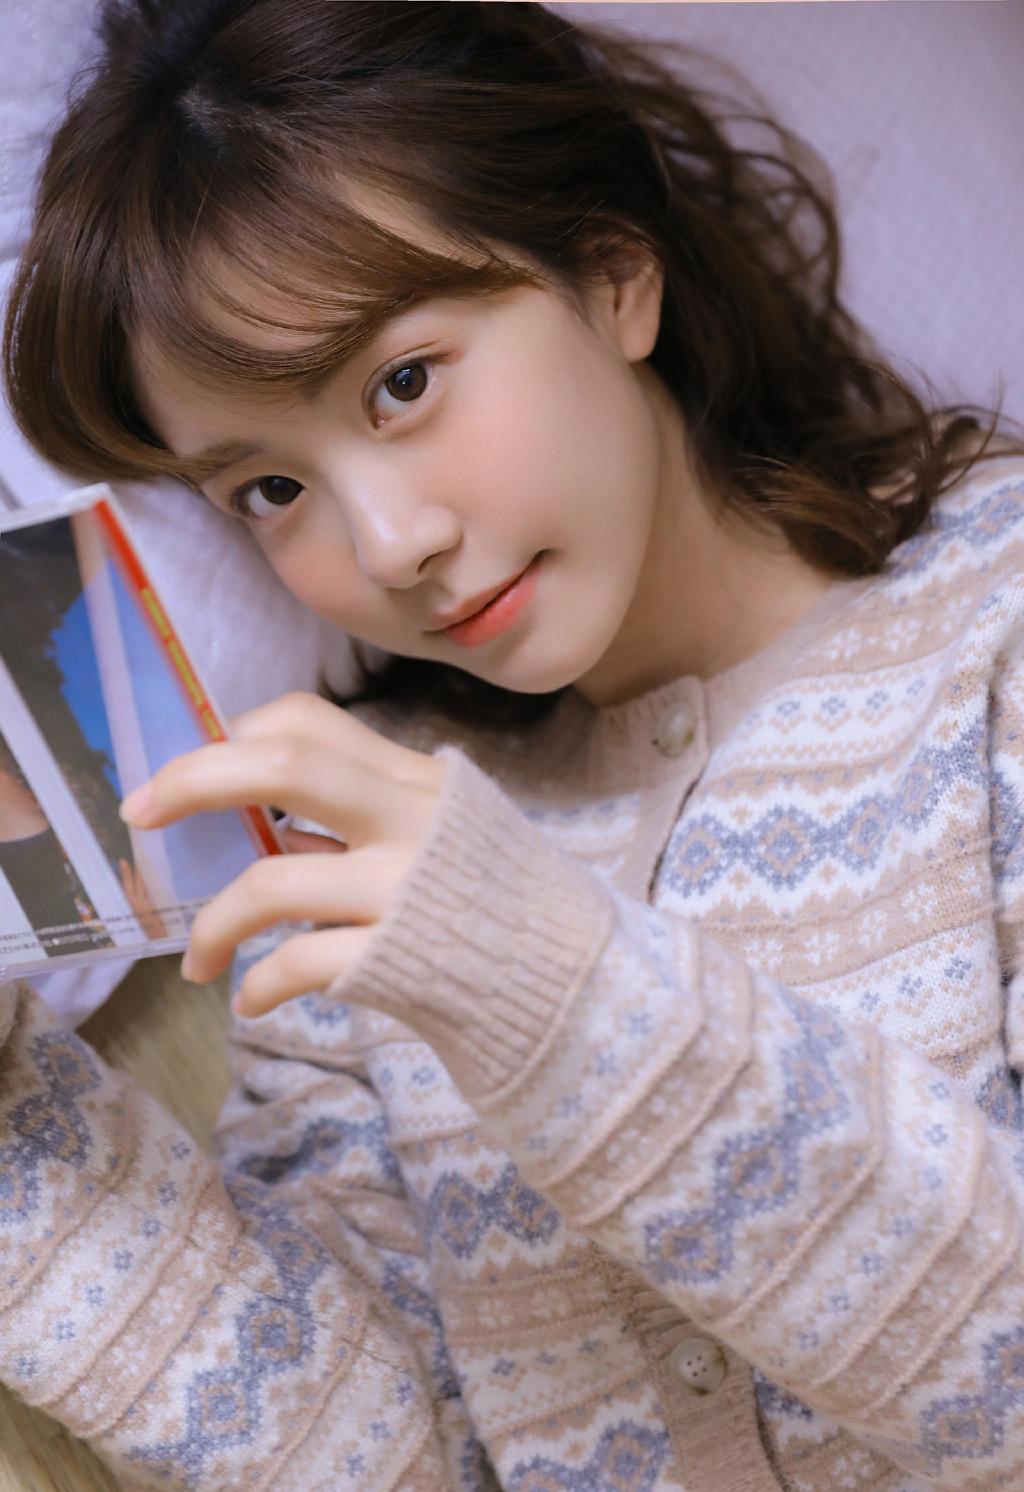 美女秘书的制服诱惑人体艺术写真